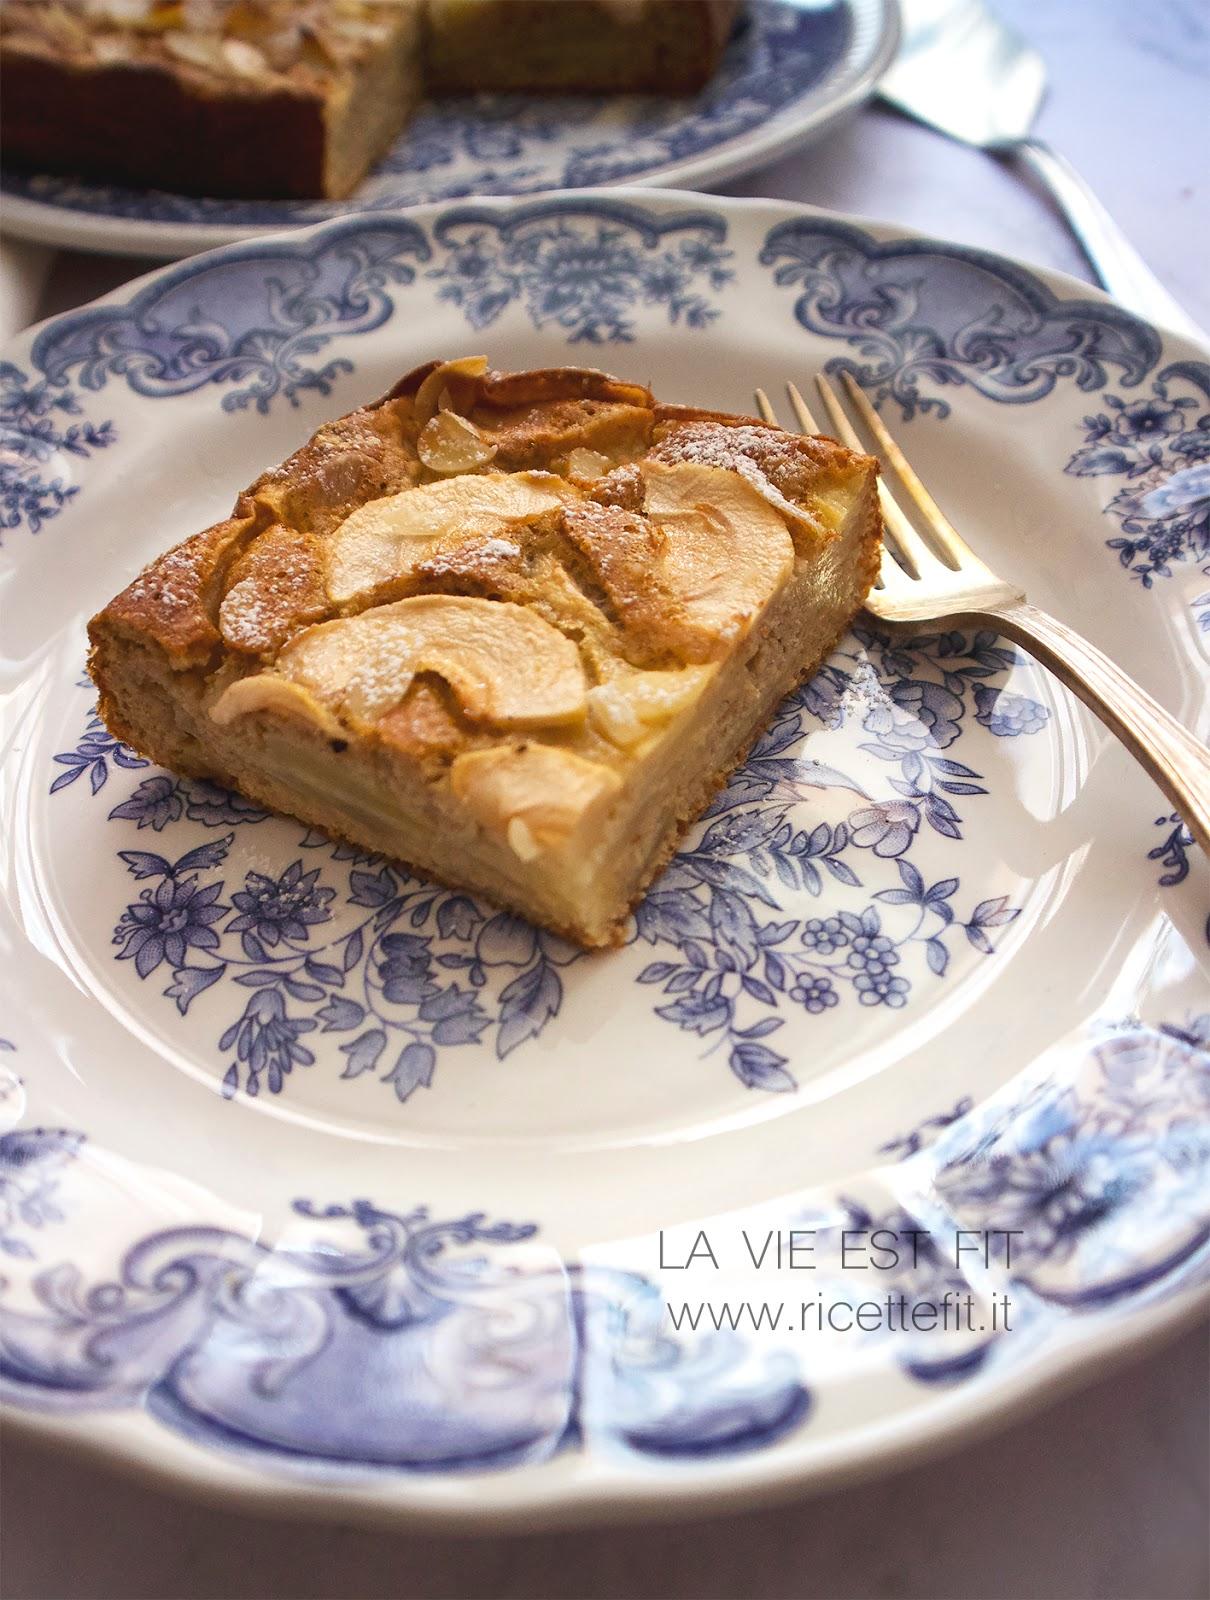 Torta di mele senza grassi e zucchero semplicissima di LA VIE EST FIT